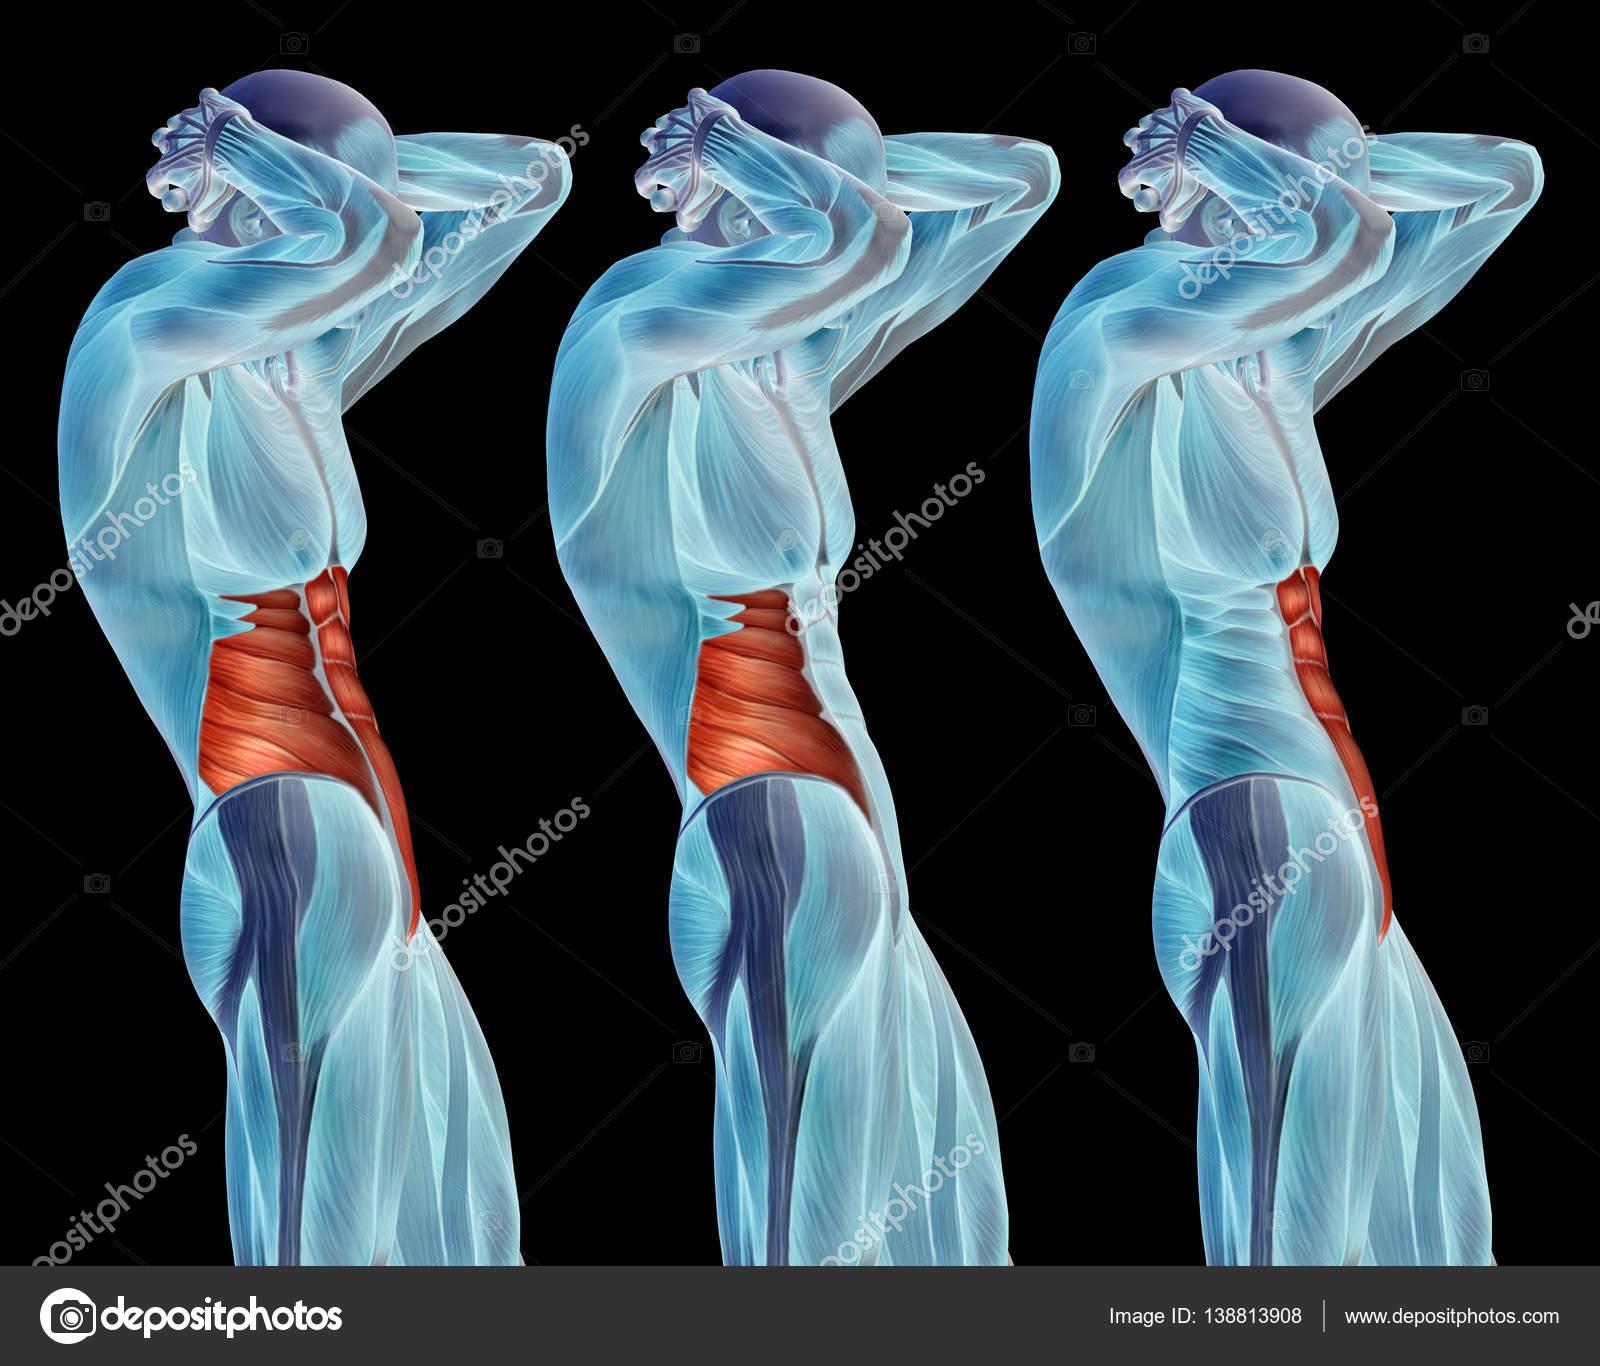 Ilustración de la anatomía del cuerpo humano — Fotos de Stock ...